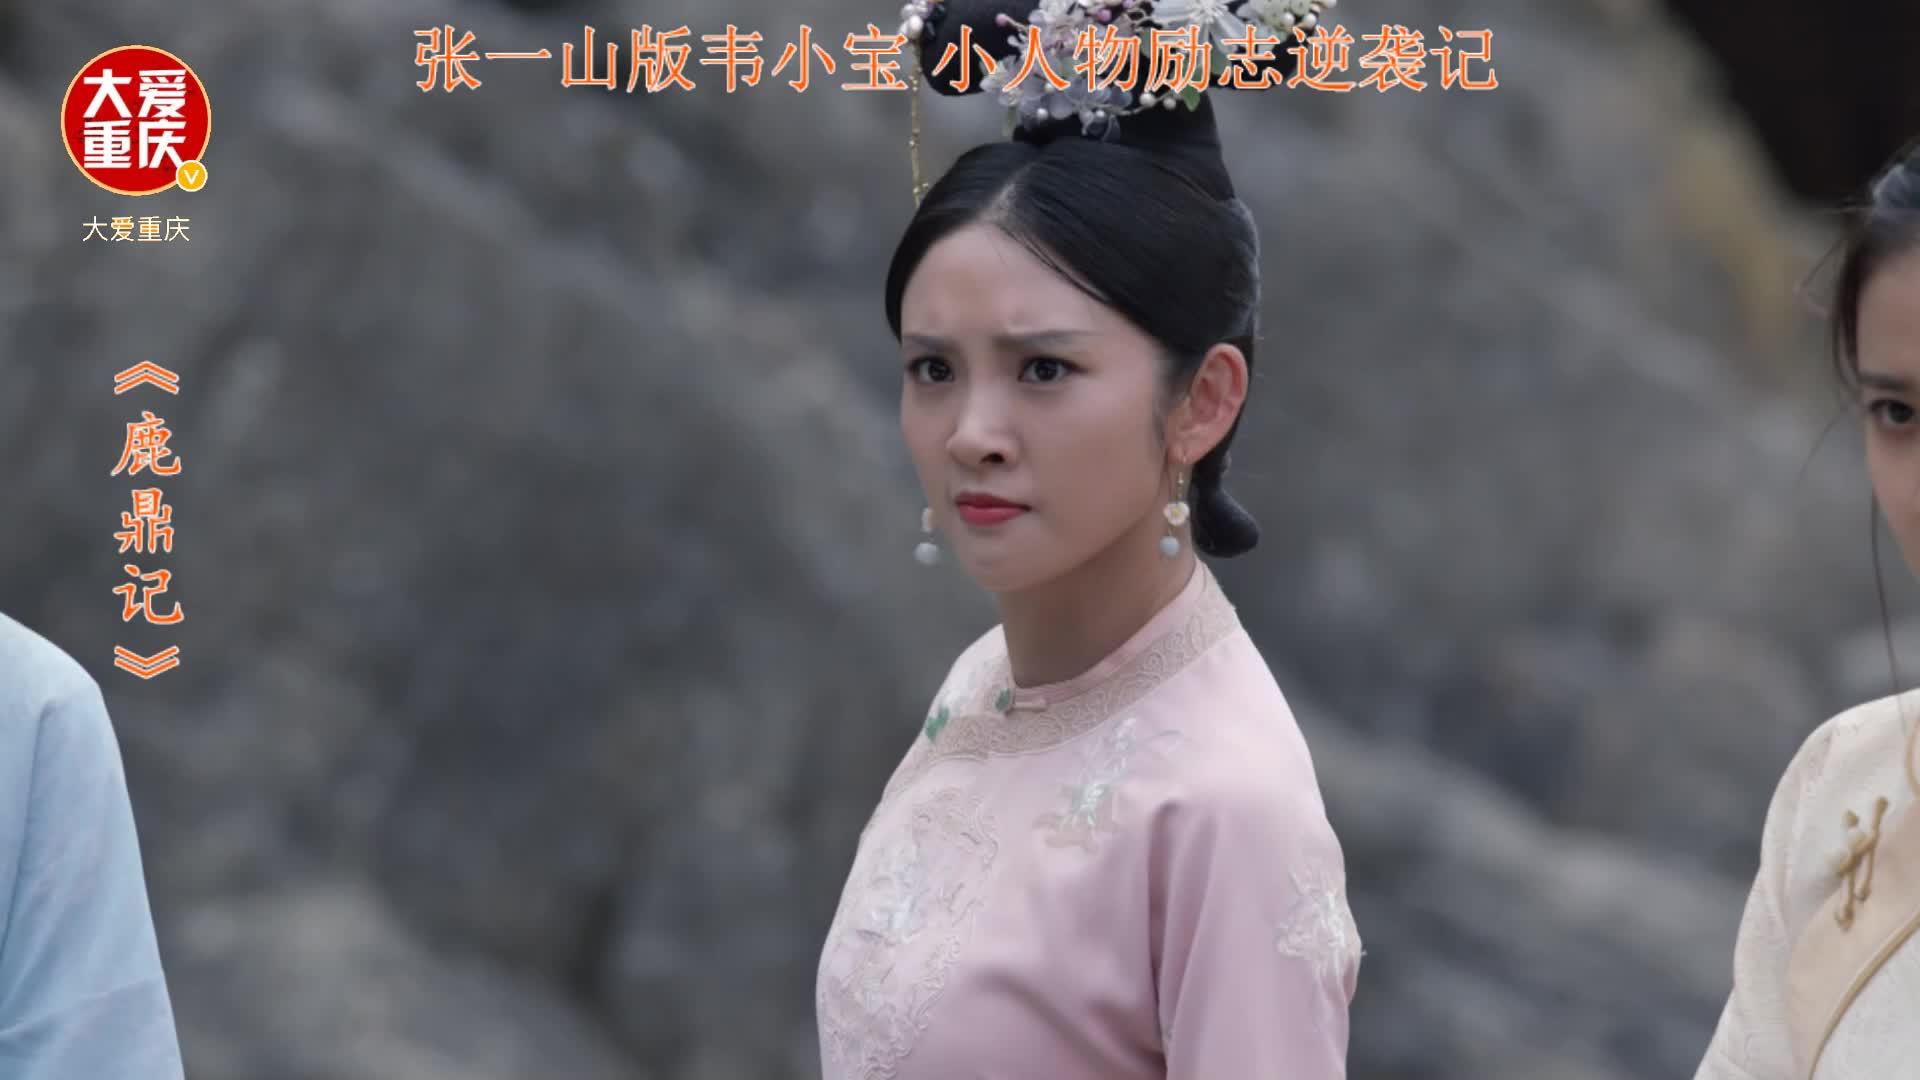 张一山 新鹿鼎记 影视剧情剪辑 第 (26)